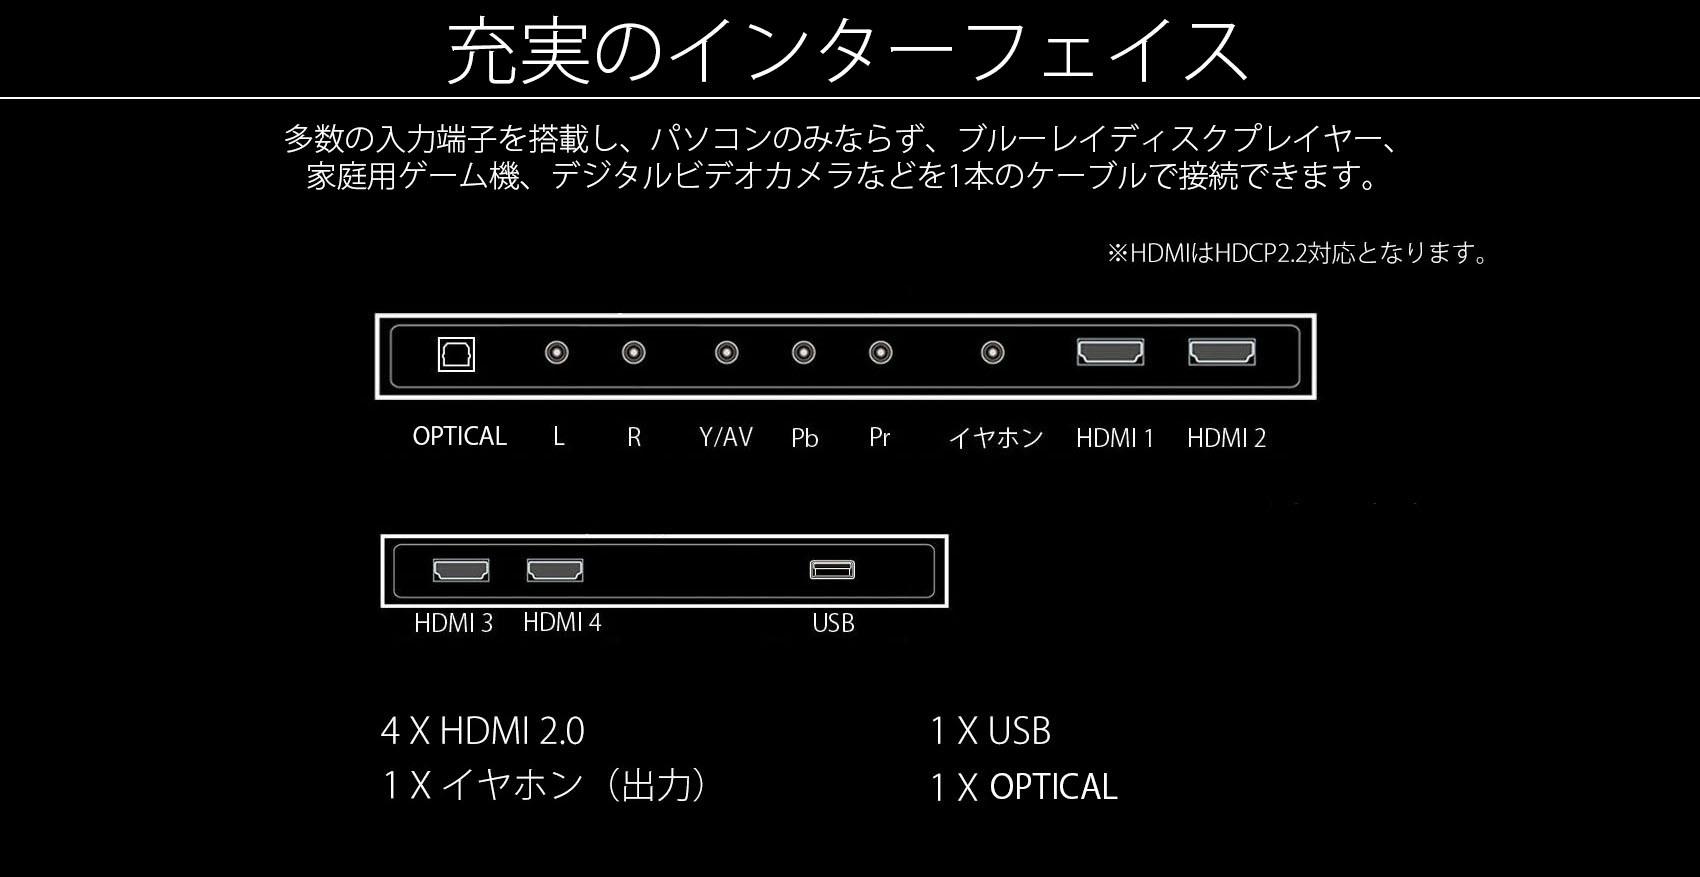 充実のインターフェース 多数の入力端子を搭載し、パソコンのみならず、ブルーレイディスクプレイヤー、ゲーム機、ビデオゲーム、ビデオカメラ、一本のケーブルで説毒できます。 1 X HDMI 2.0 1 X DISPLAY Port 2 X HDMI 1.4 1 X VGA 1 X イヤホン(出力)  1 X  オーディオ出力 1 X Optical出力 (USBポートは利用不可)  *AUDIOは入力のみ。VGAケーブル利用時など使用できます。